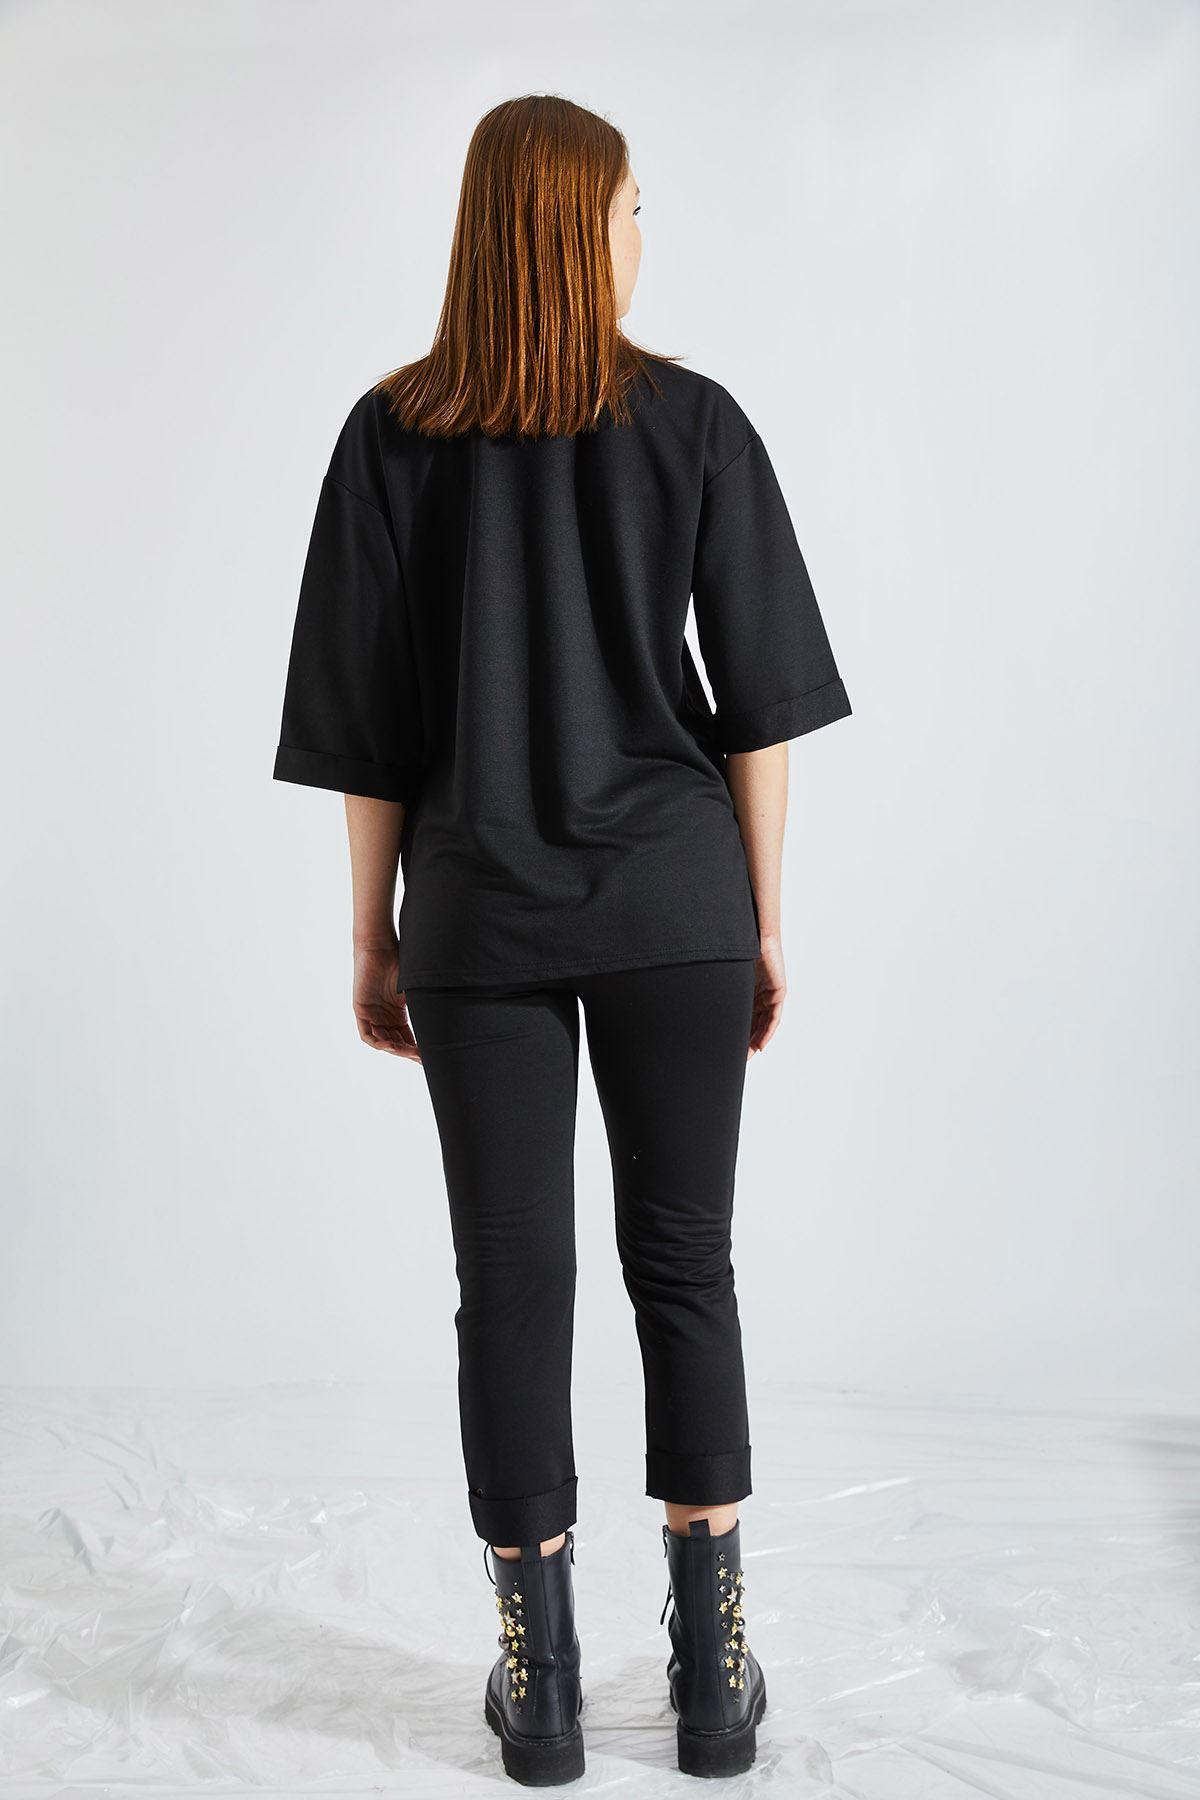 Kadın 2 İplik Siyah Takım